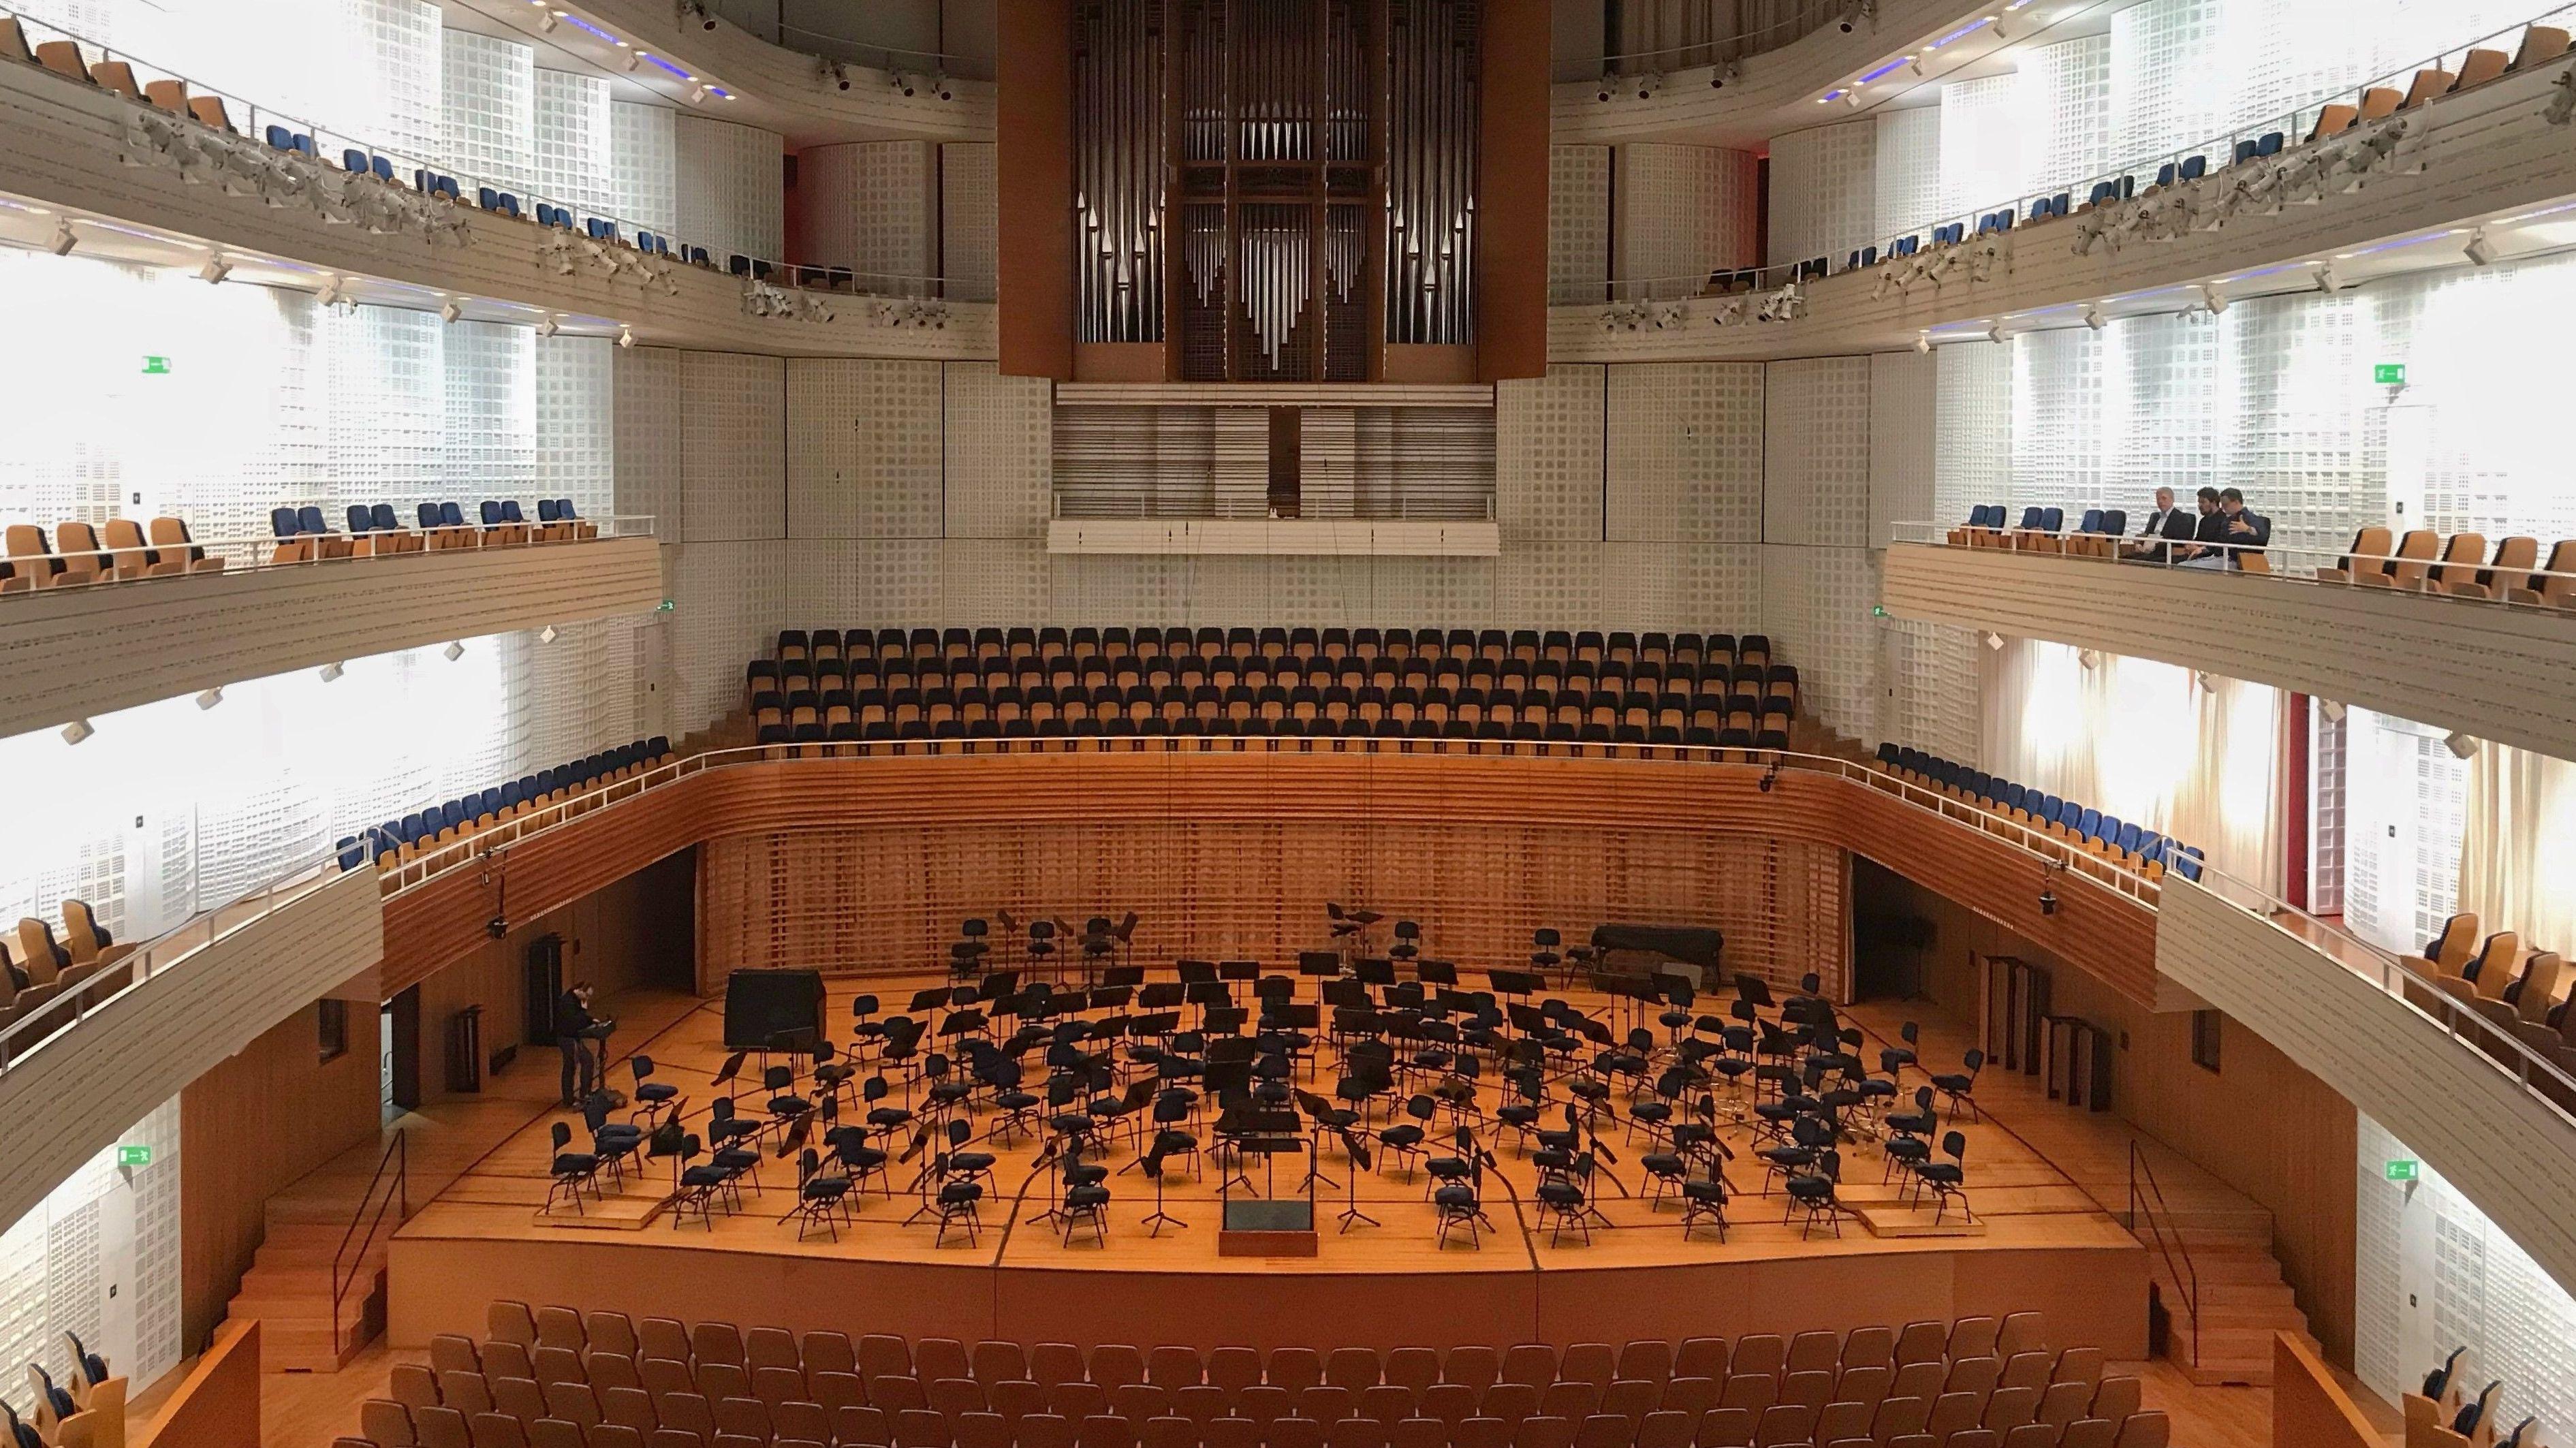 Konzertsaal von Luzern